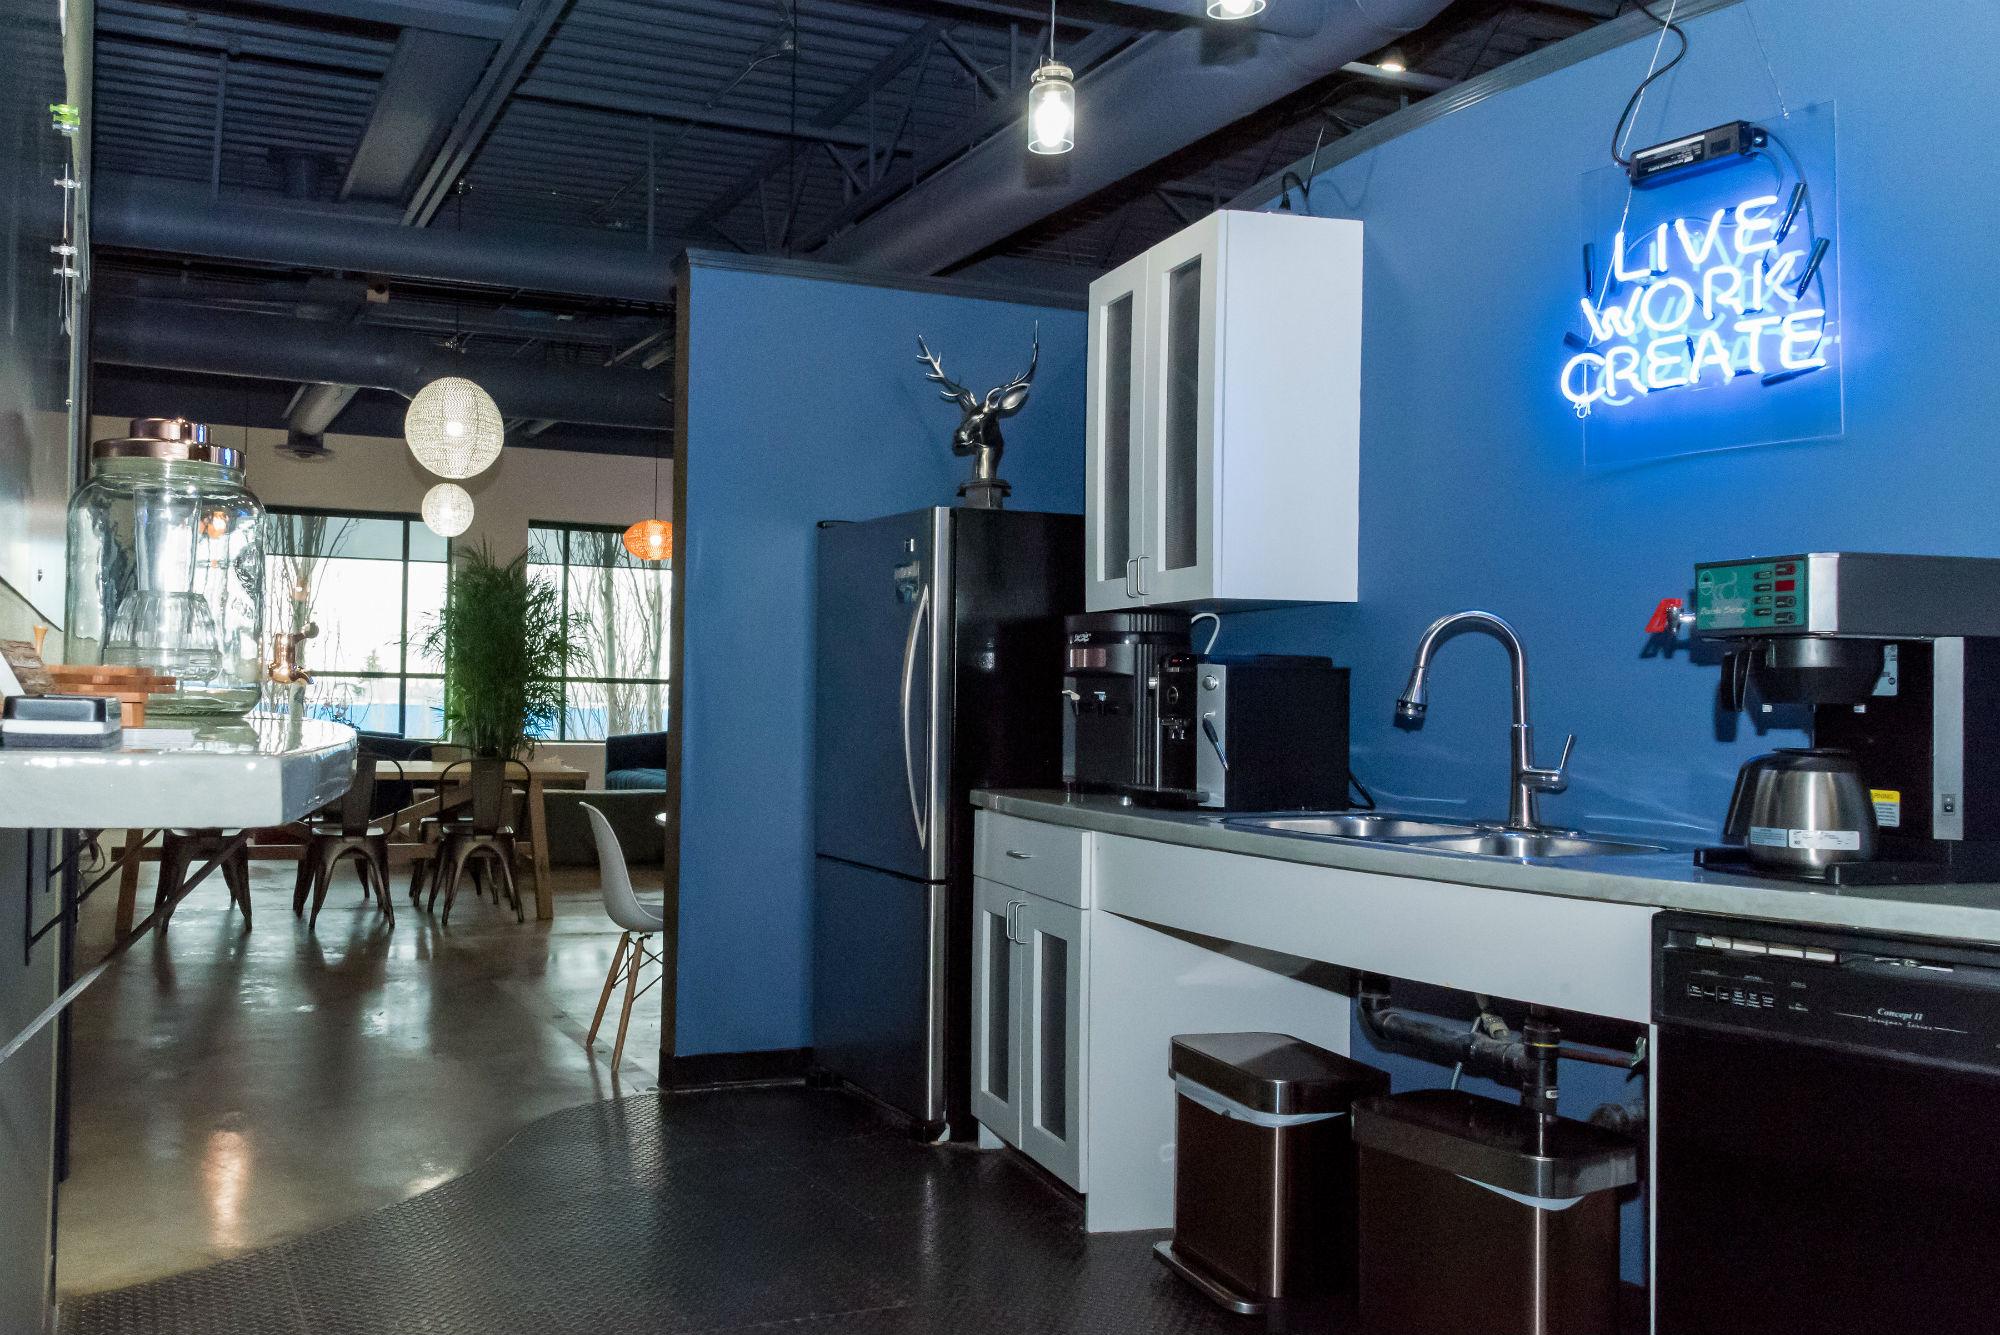 sp-kitchen-web1.jpg